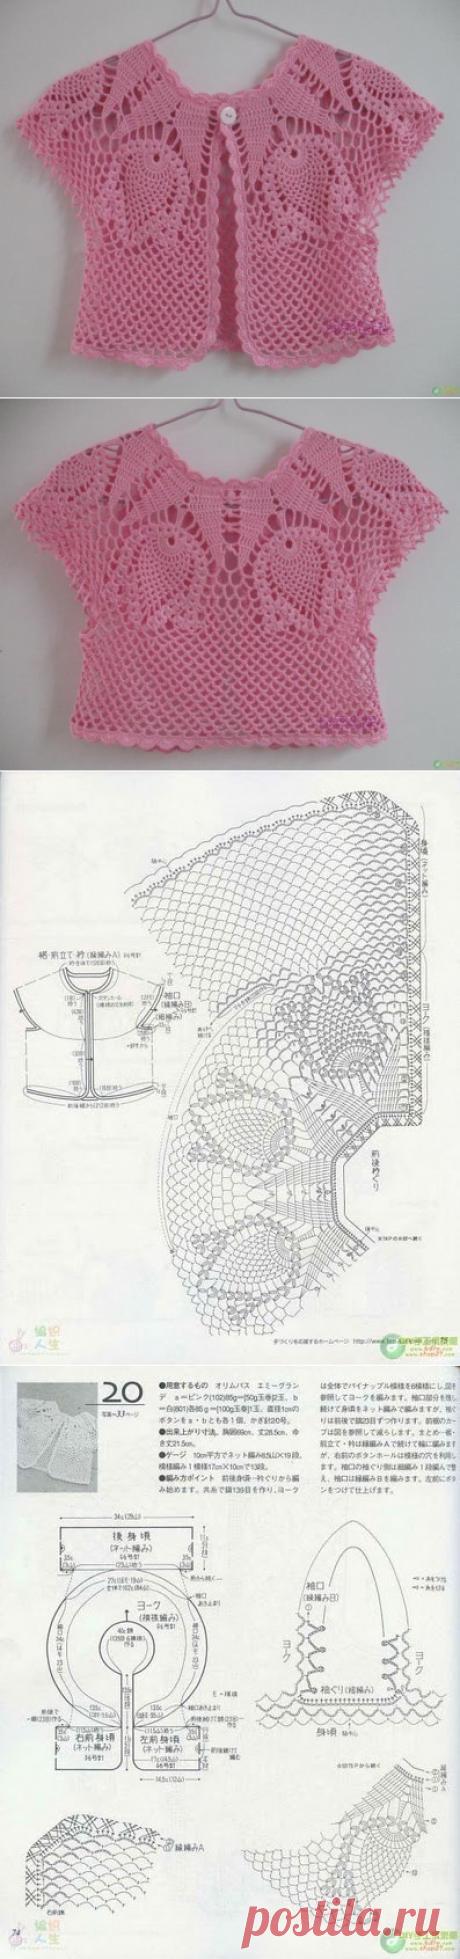 Болеро с узором тюльпаны. Как вязать ажурное болеро крючком | Лаборатория домашнего хозяйства